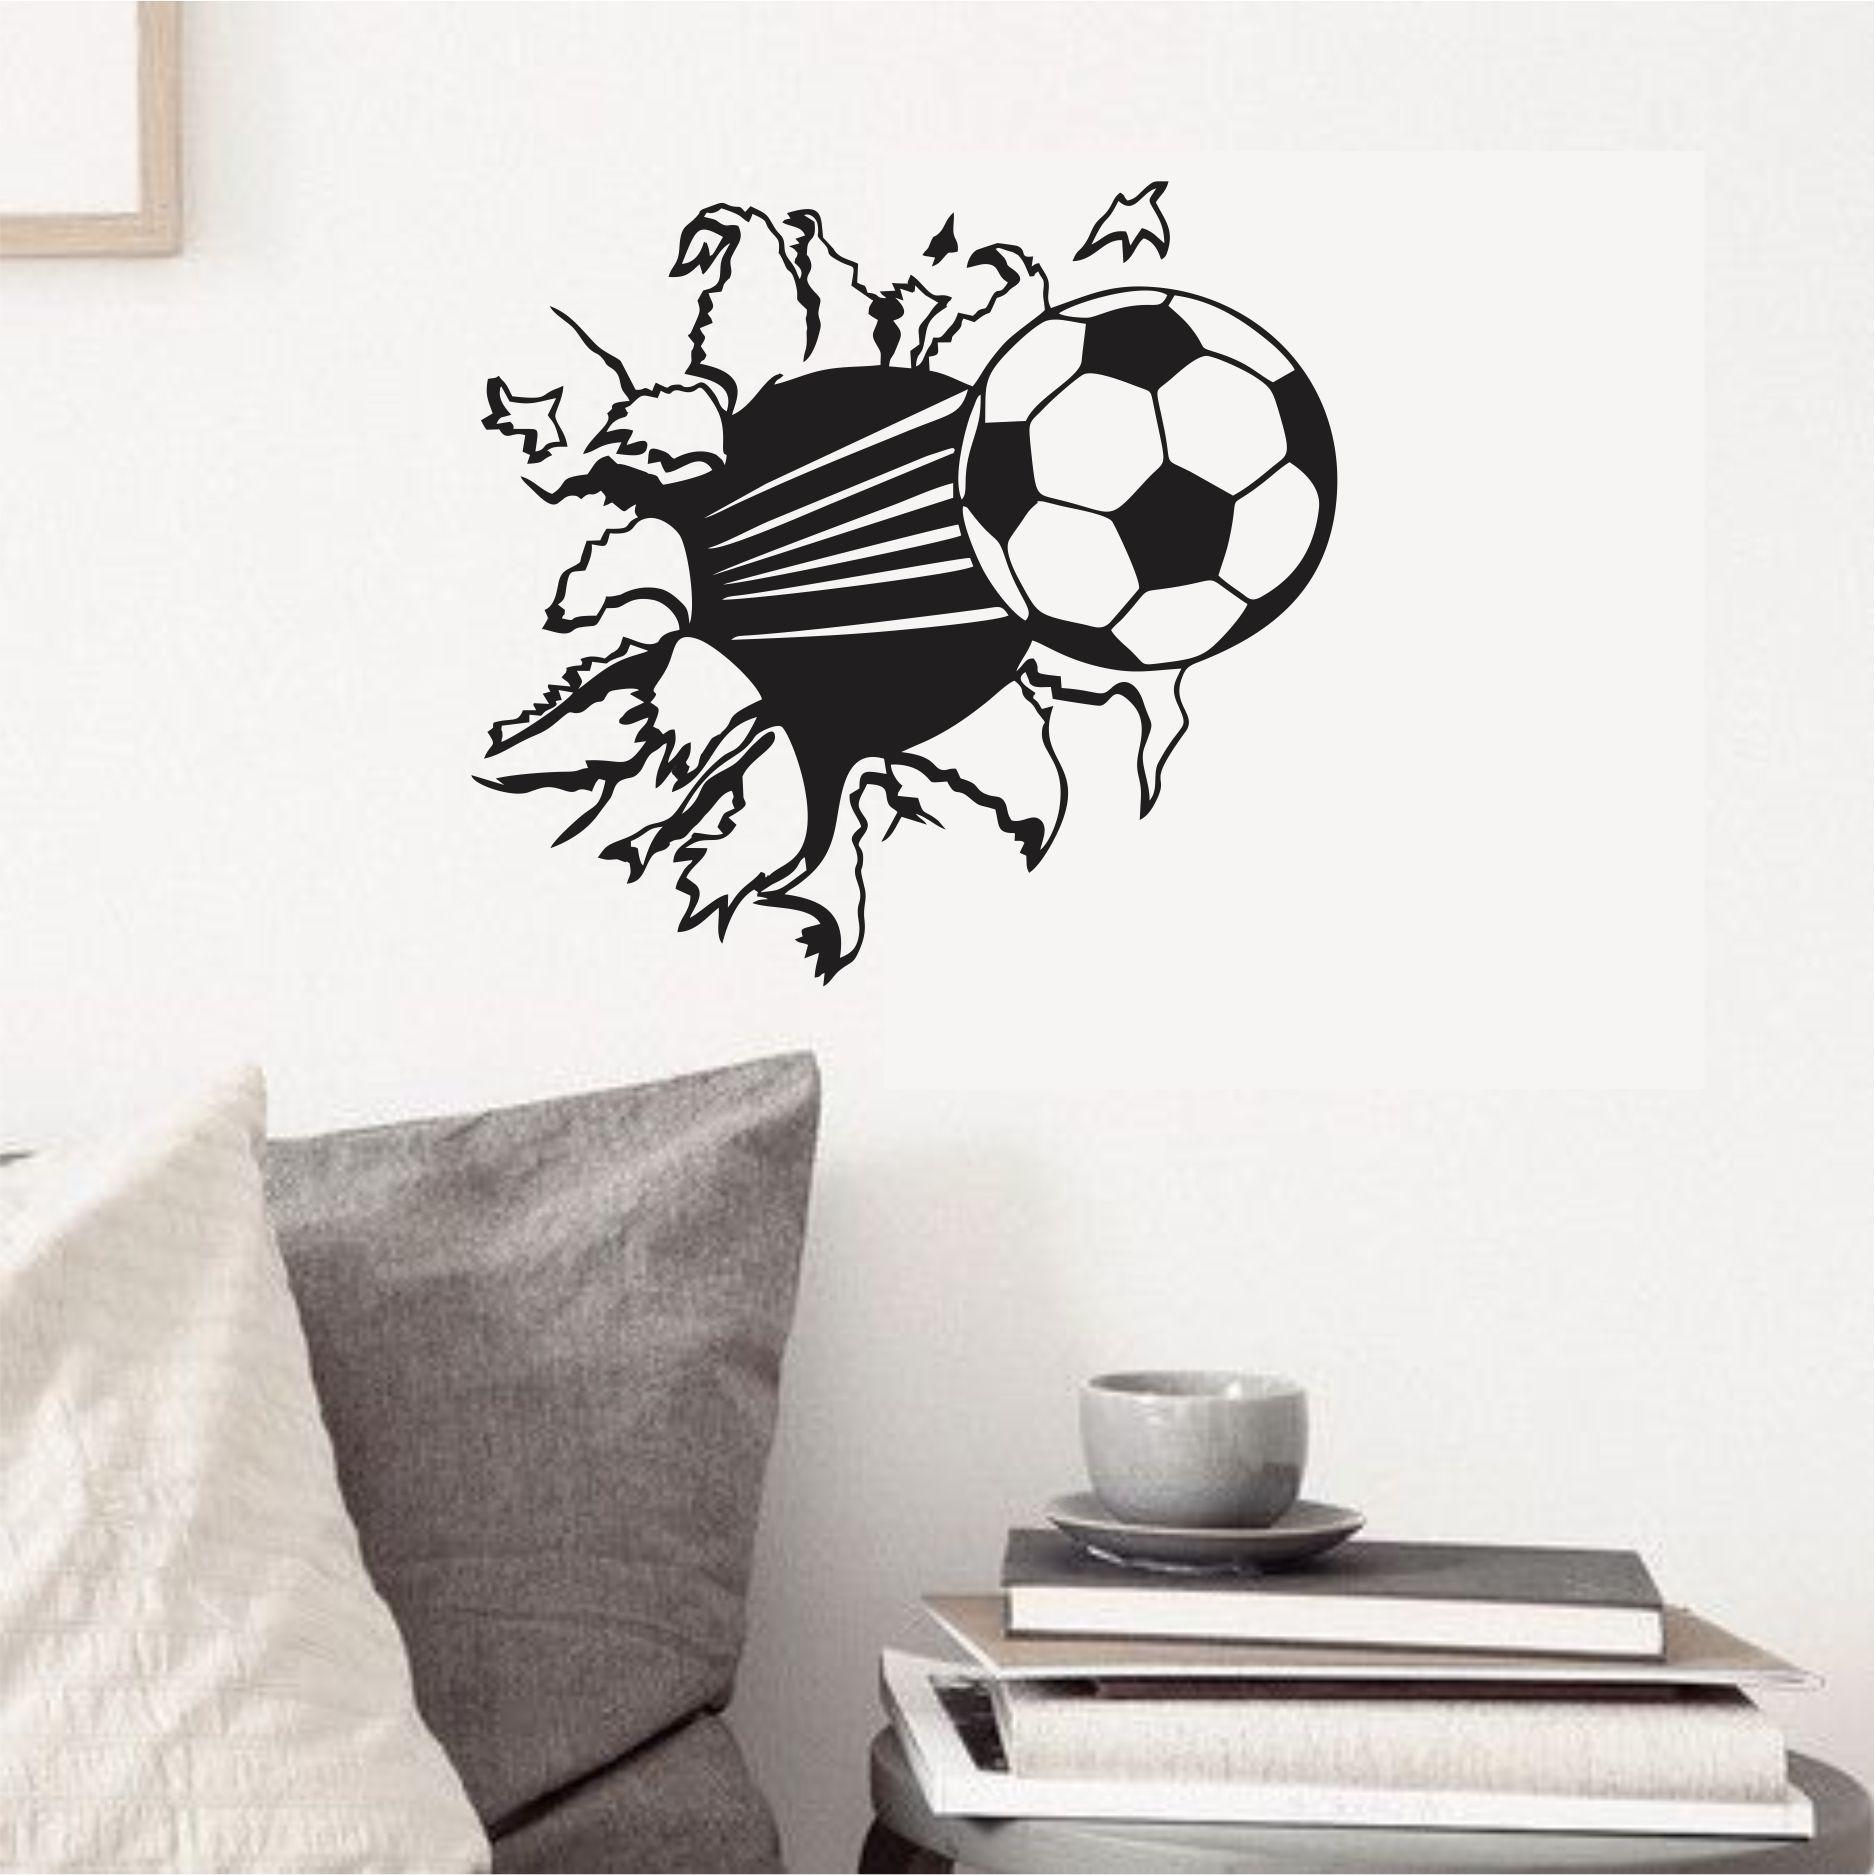 Adesivo Parede Infantil Bola Futebol  a7c7c8ce0bf2c